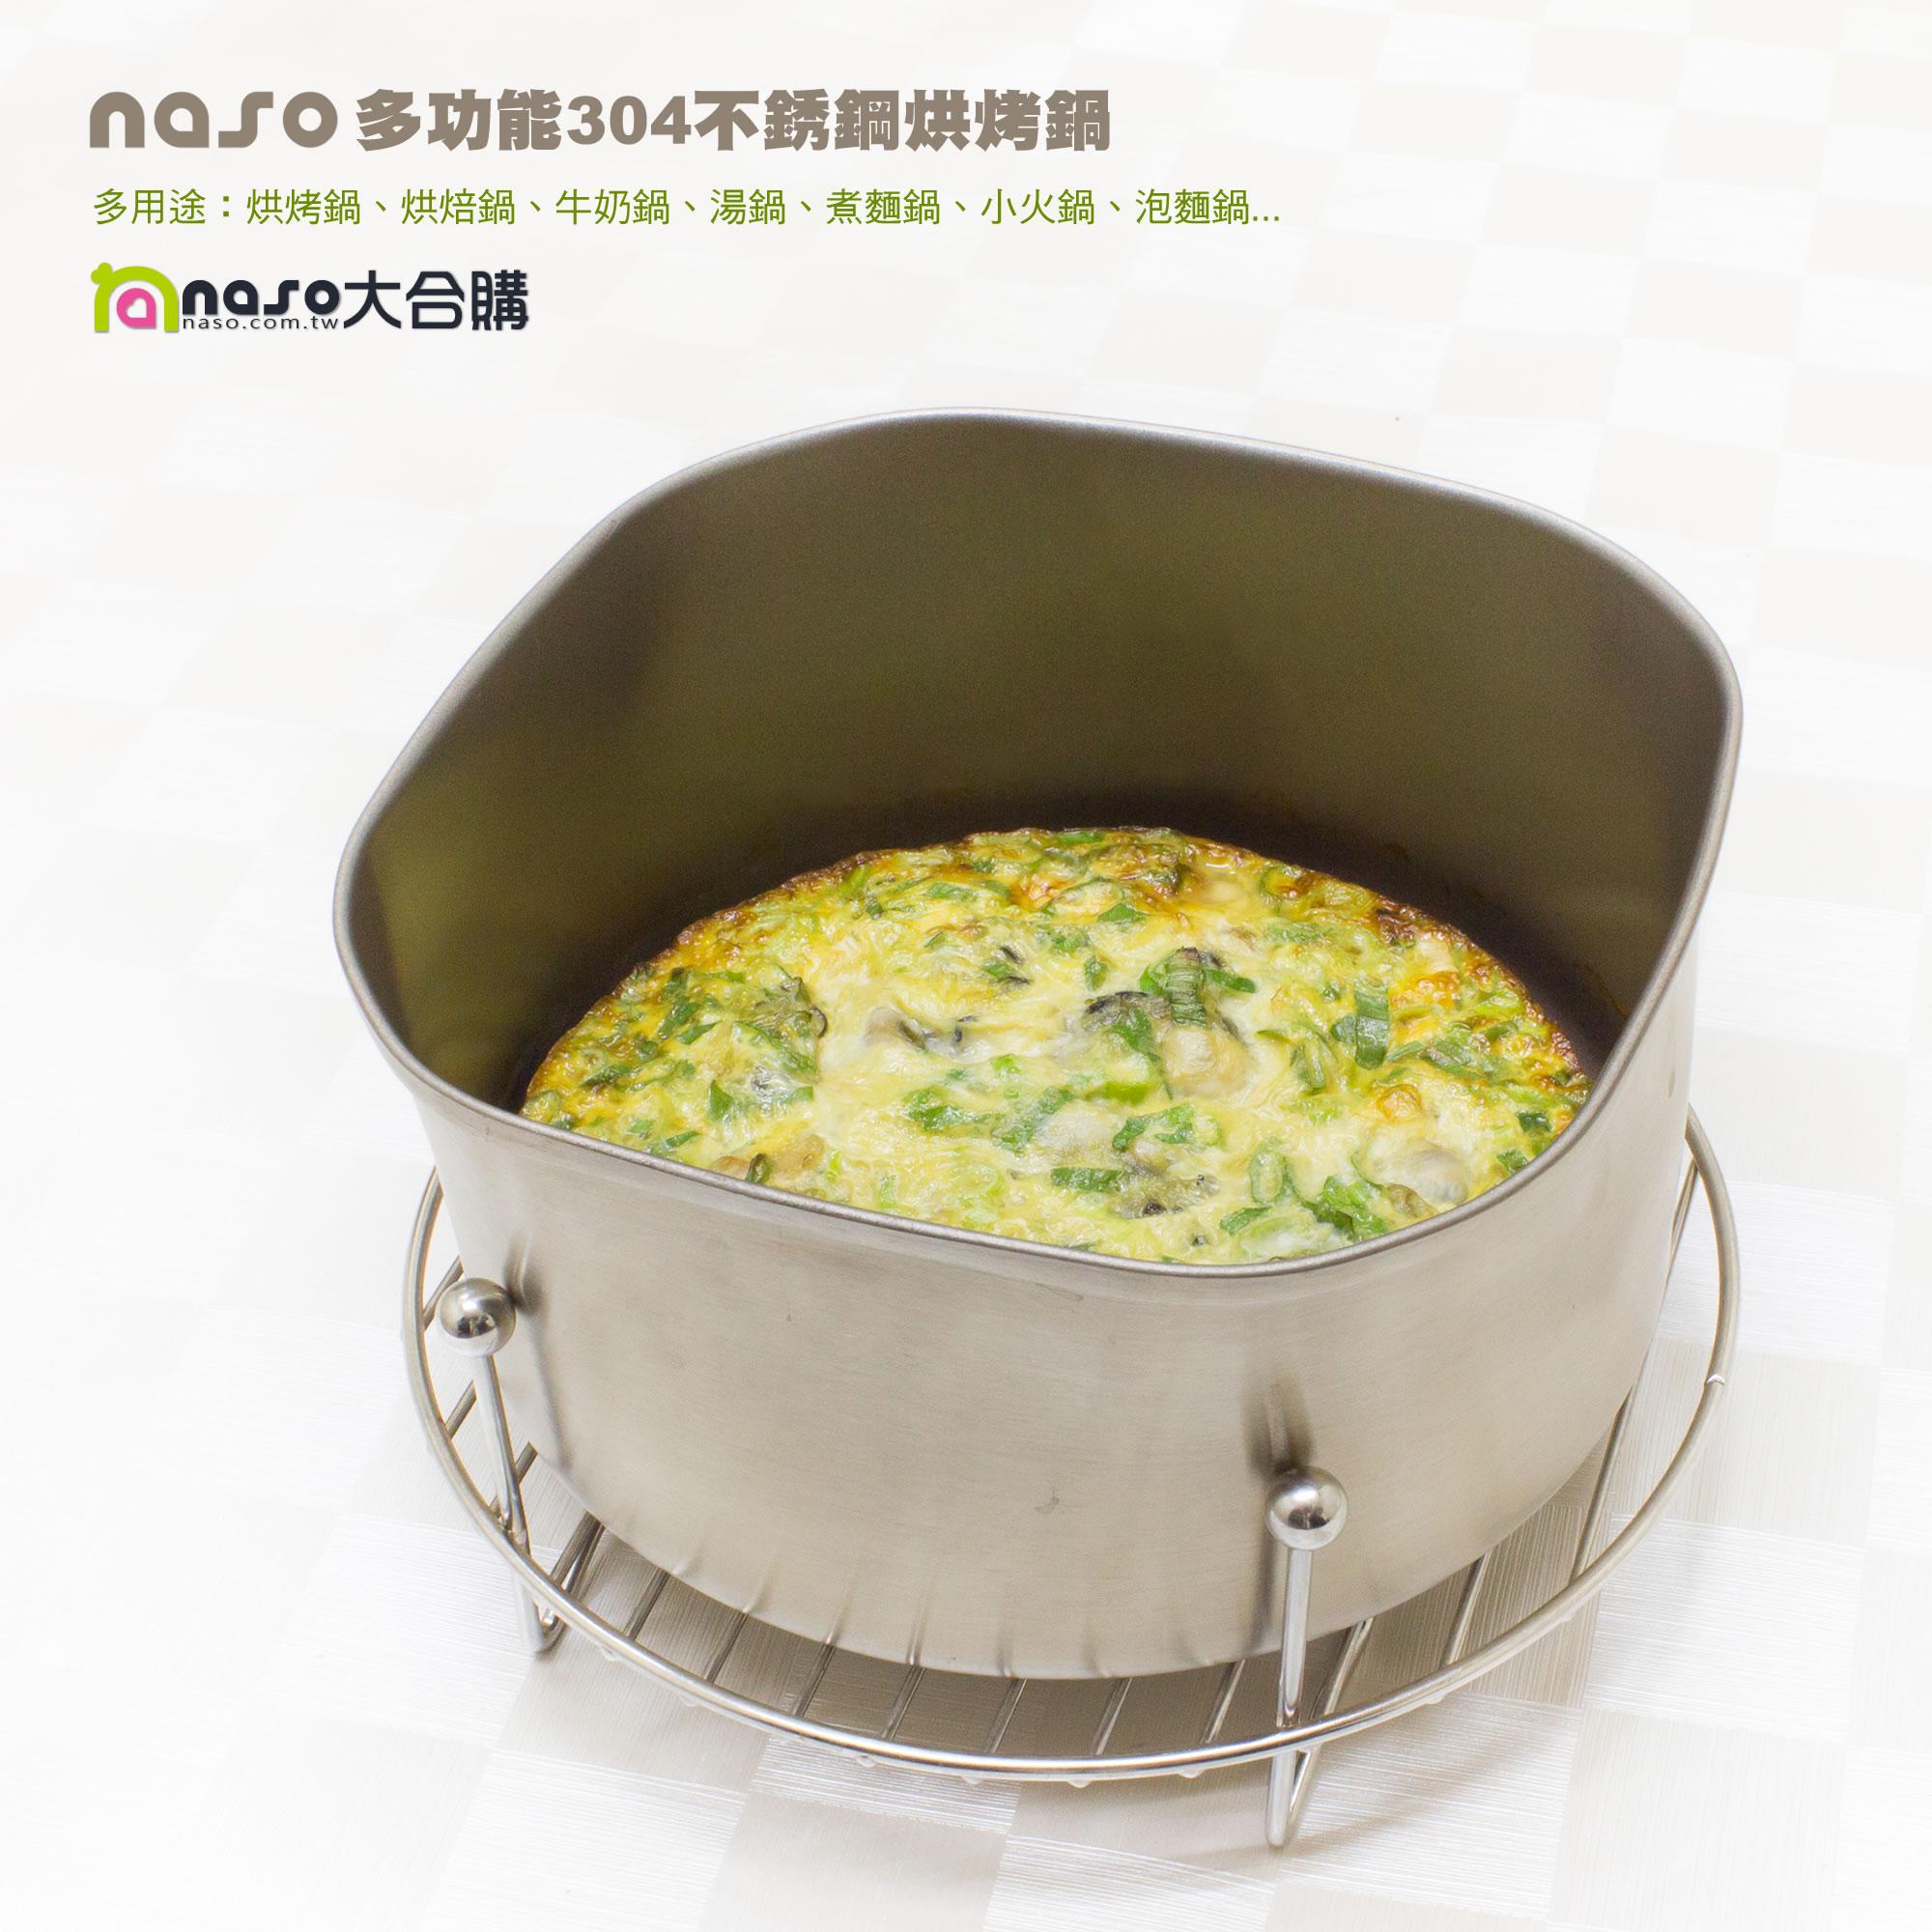 naso多功能304不銹鋼烘烤鍋 好評第17團